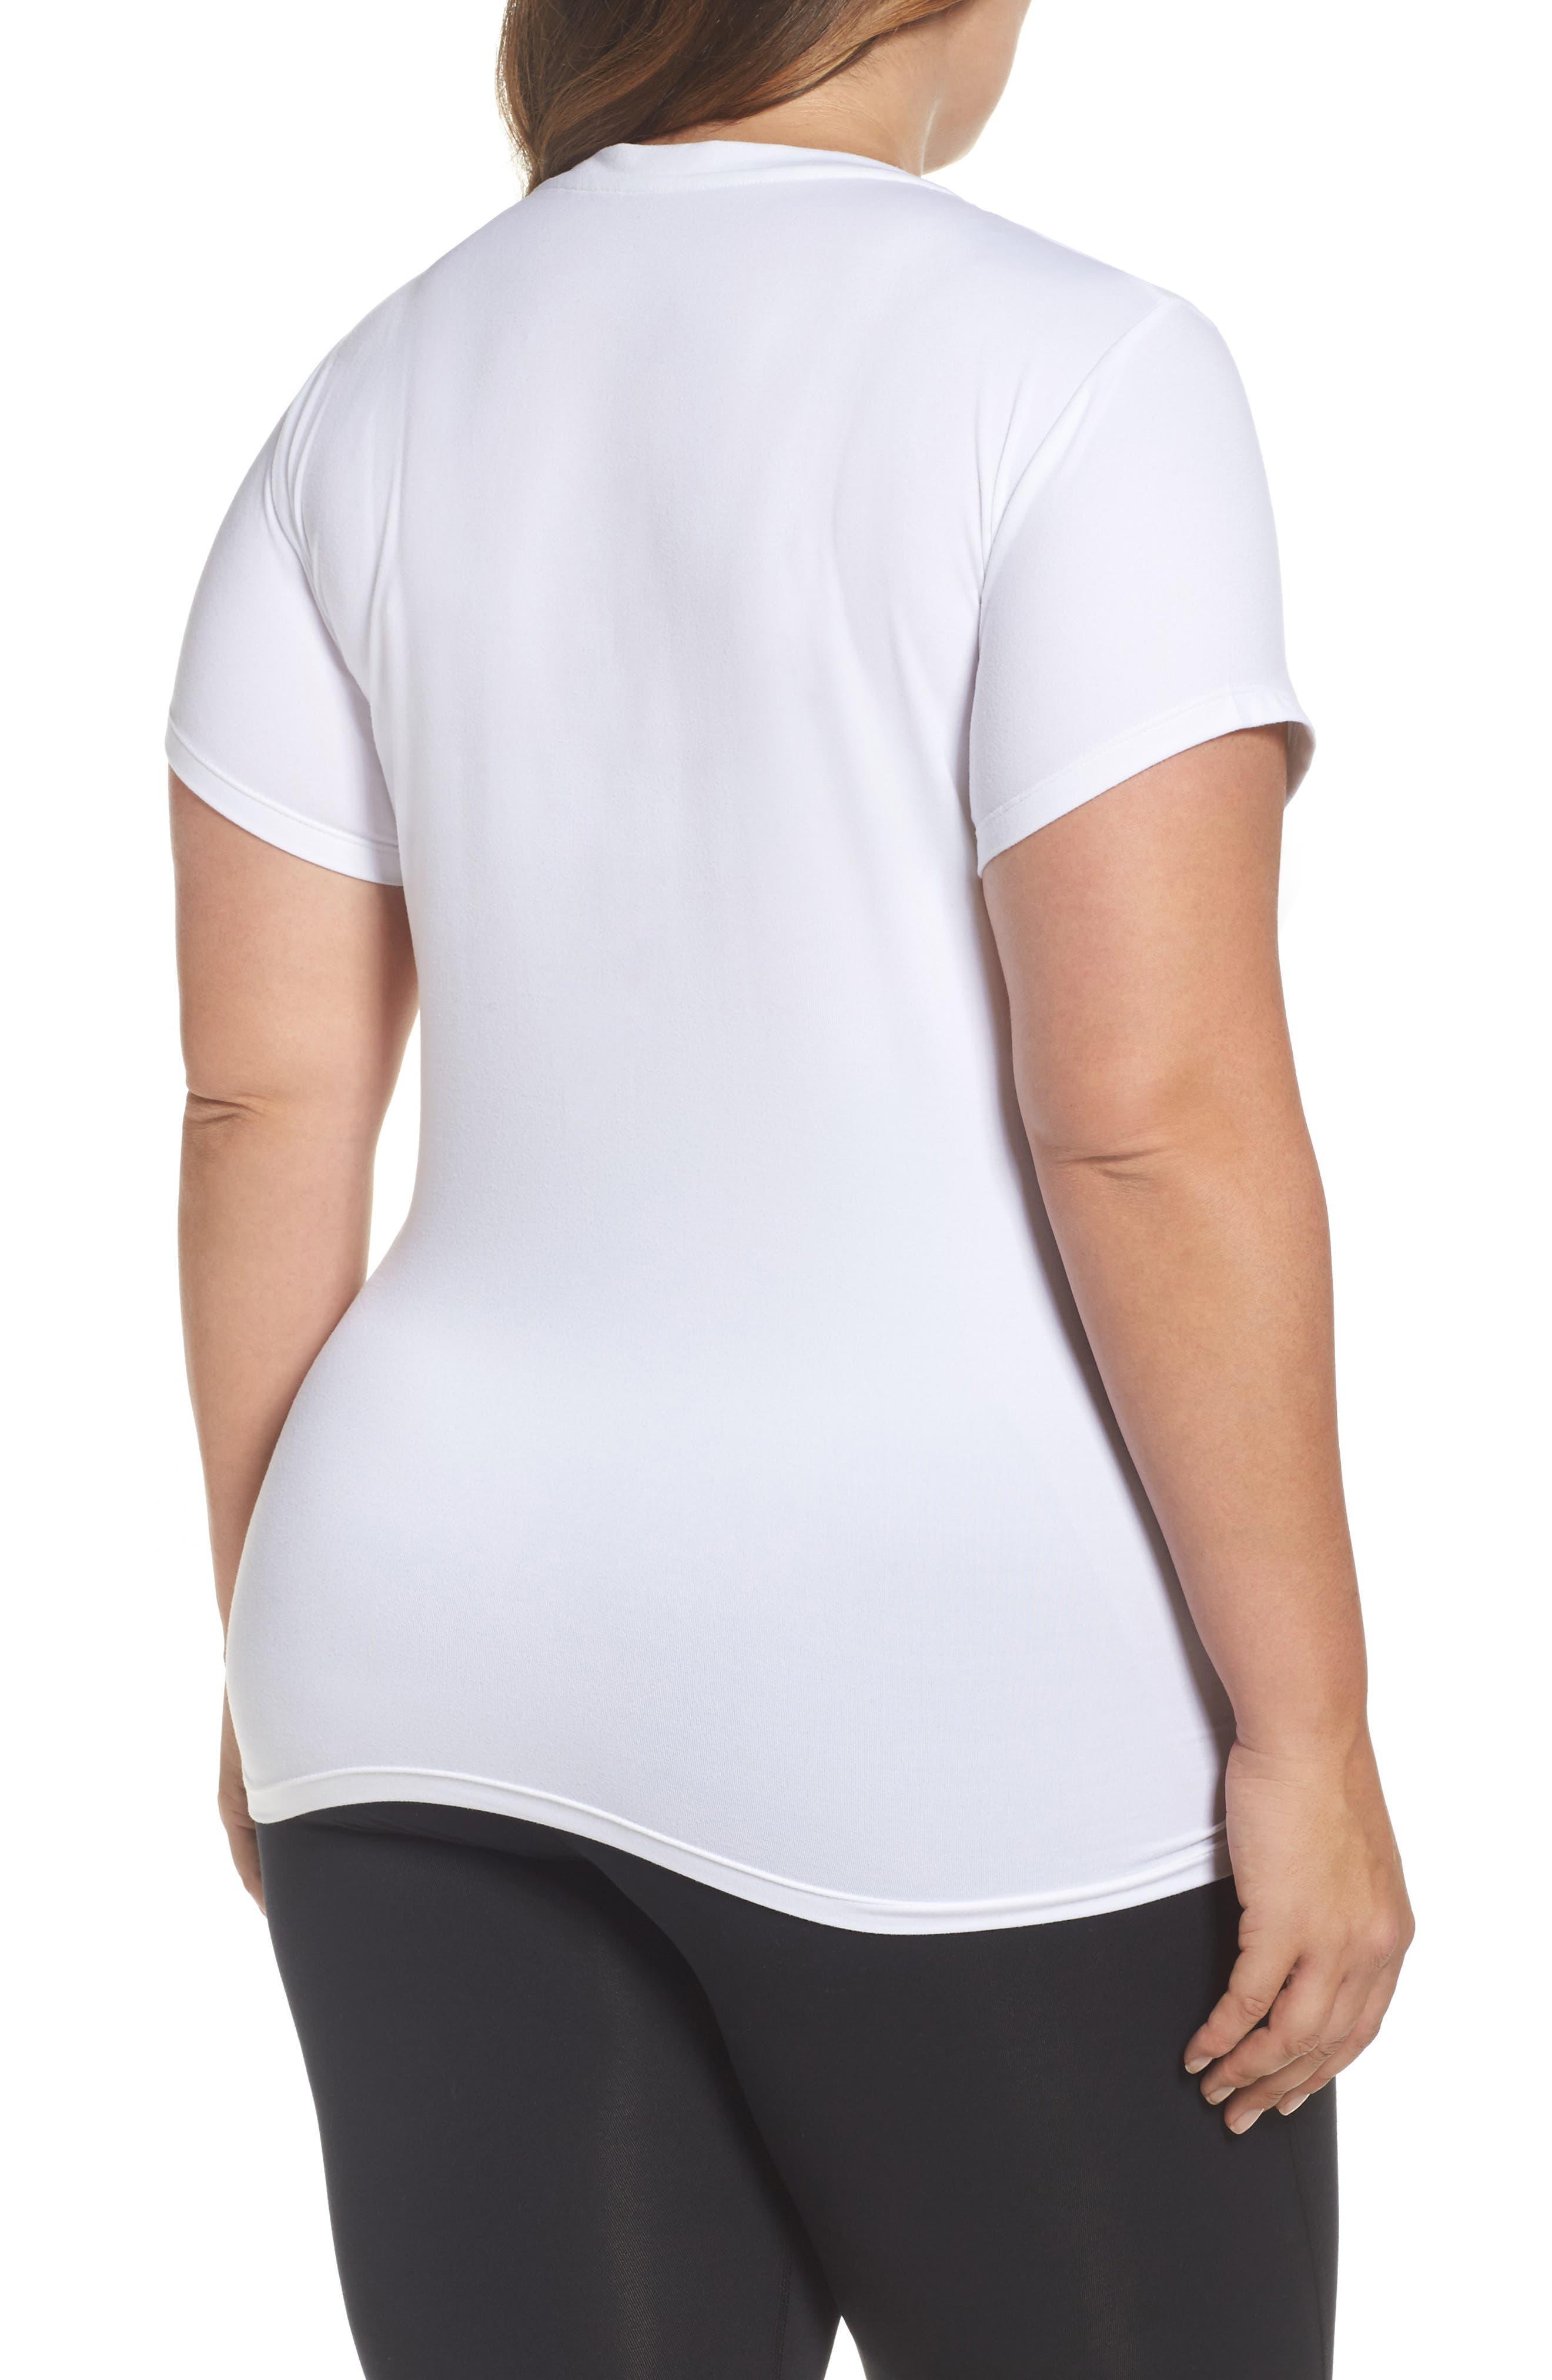 Alternate Image 2  - Marika Curves 'Elizabeth' Slimming Tee (Plus Size)